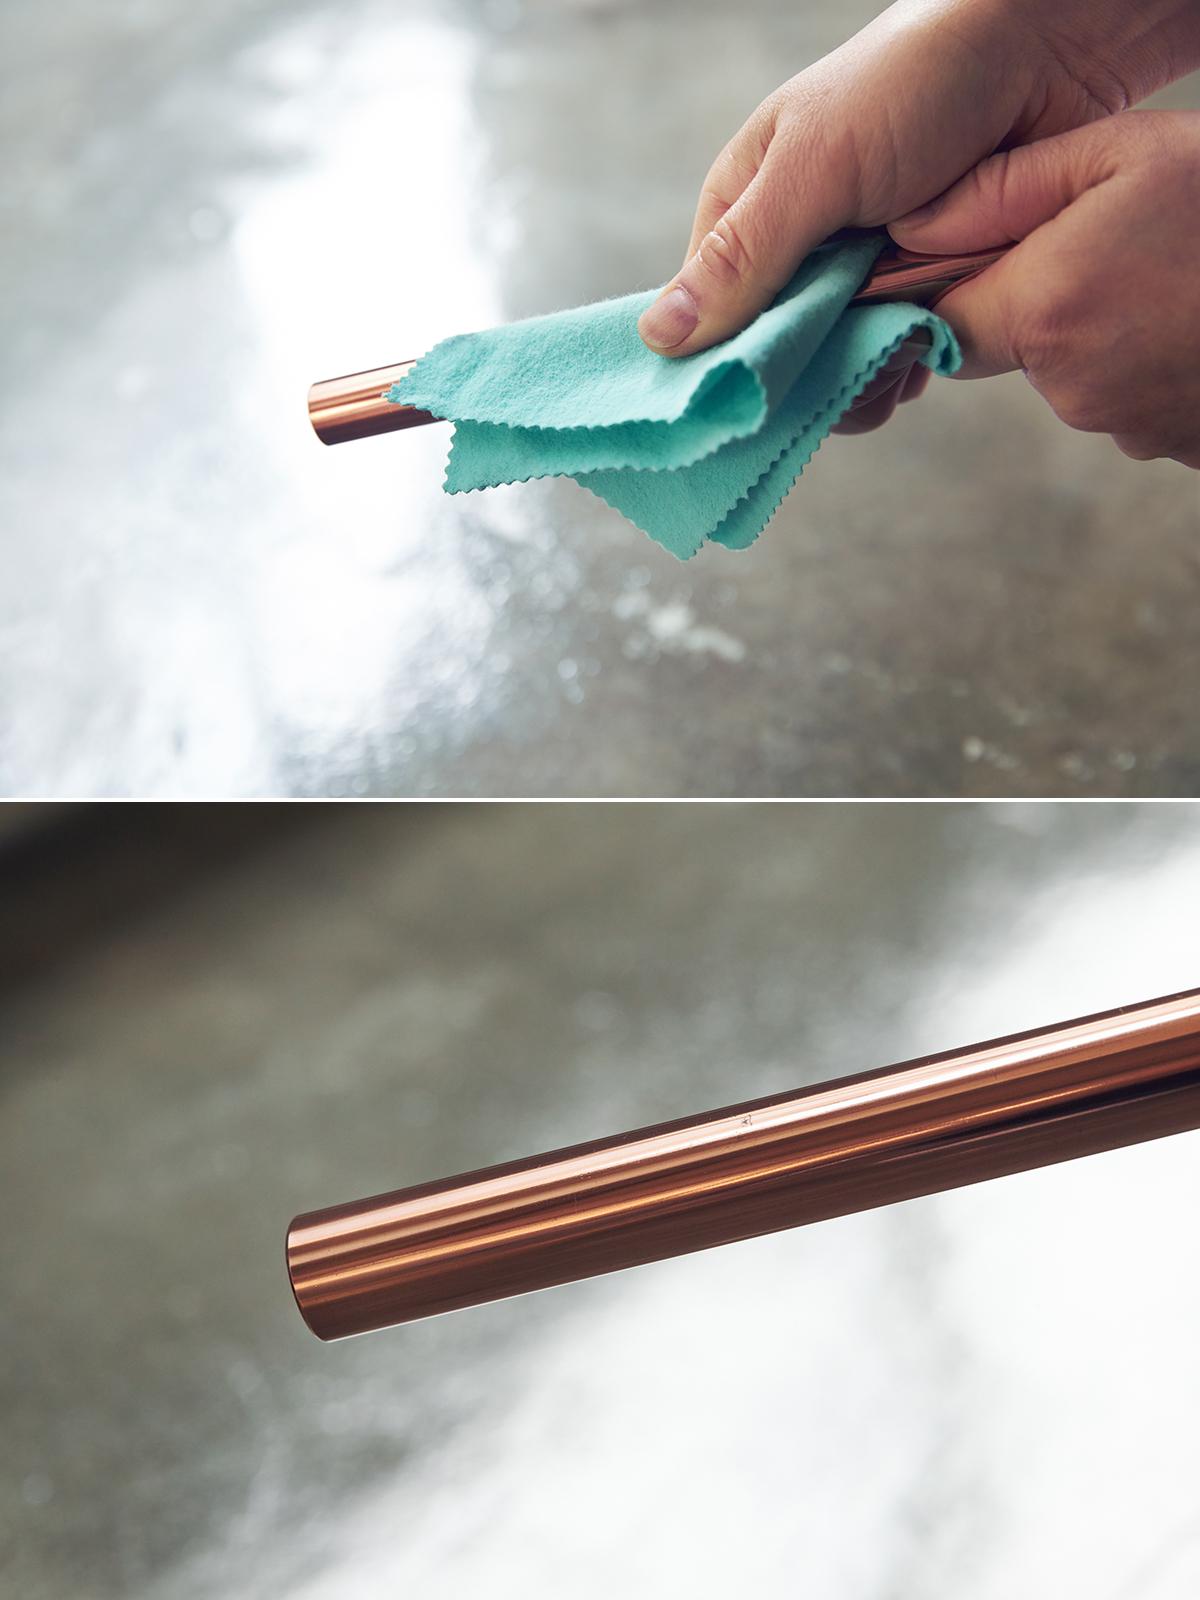 おすすめの定期的なメンテナンス。「金属磨きクロス」で磨いた場合|無造作に挿すだけで「絵」になる、銅管の一輪挿し・花瓶・フラワーベース|BULBOUS